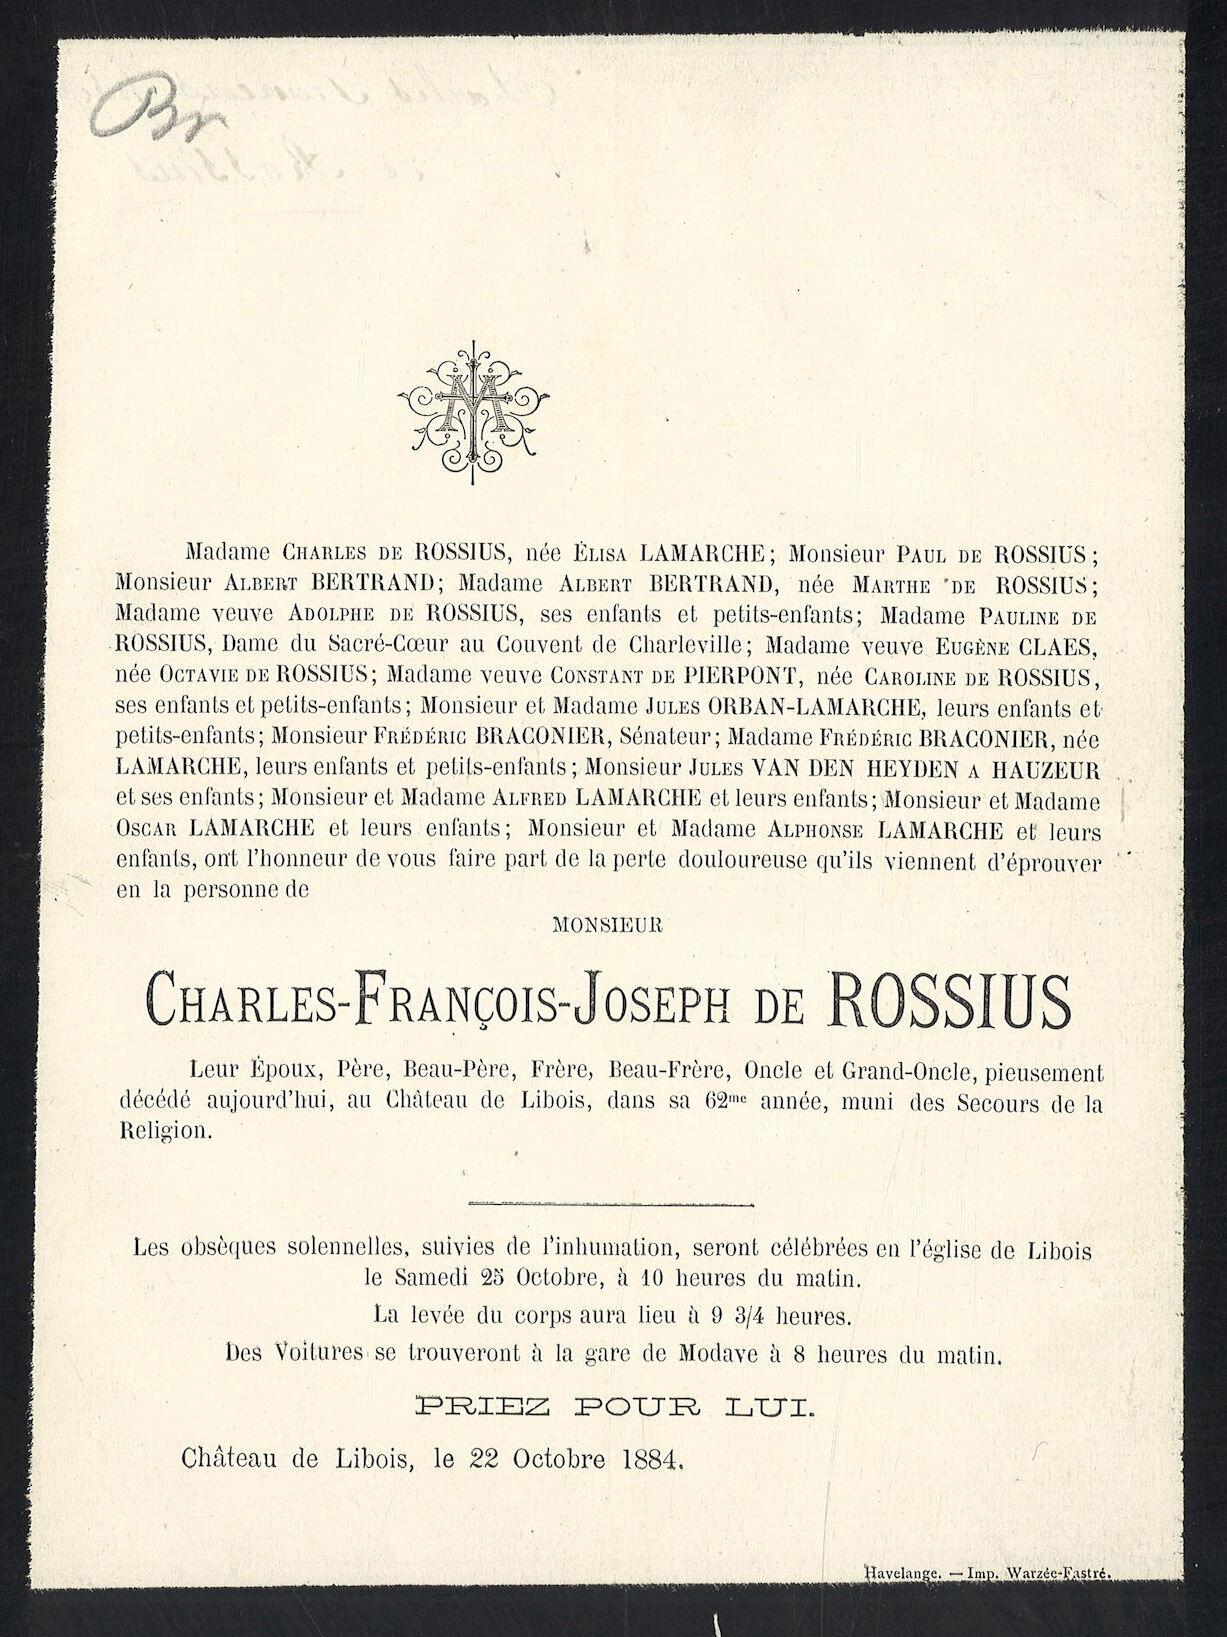 Charles-François-Joseph de Rossius